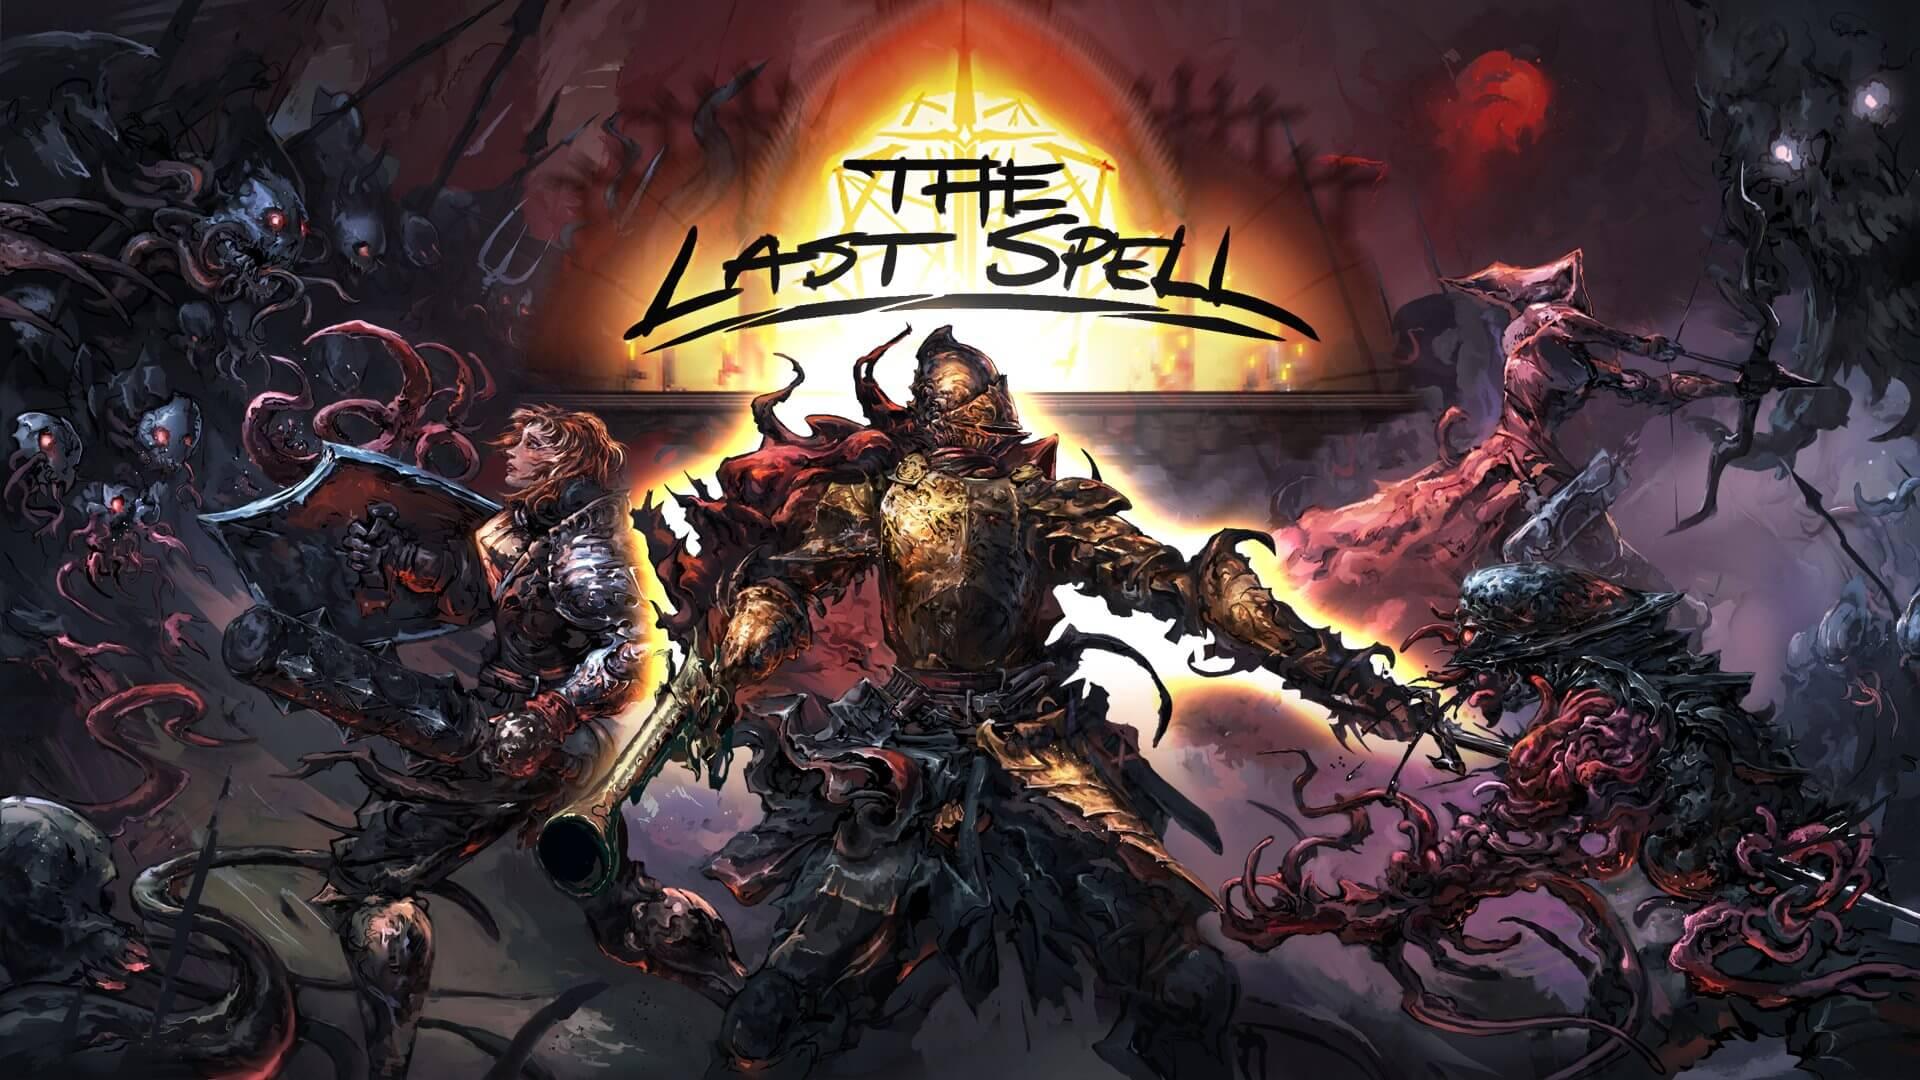 The Last Spell Header